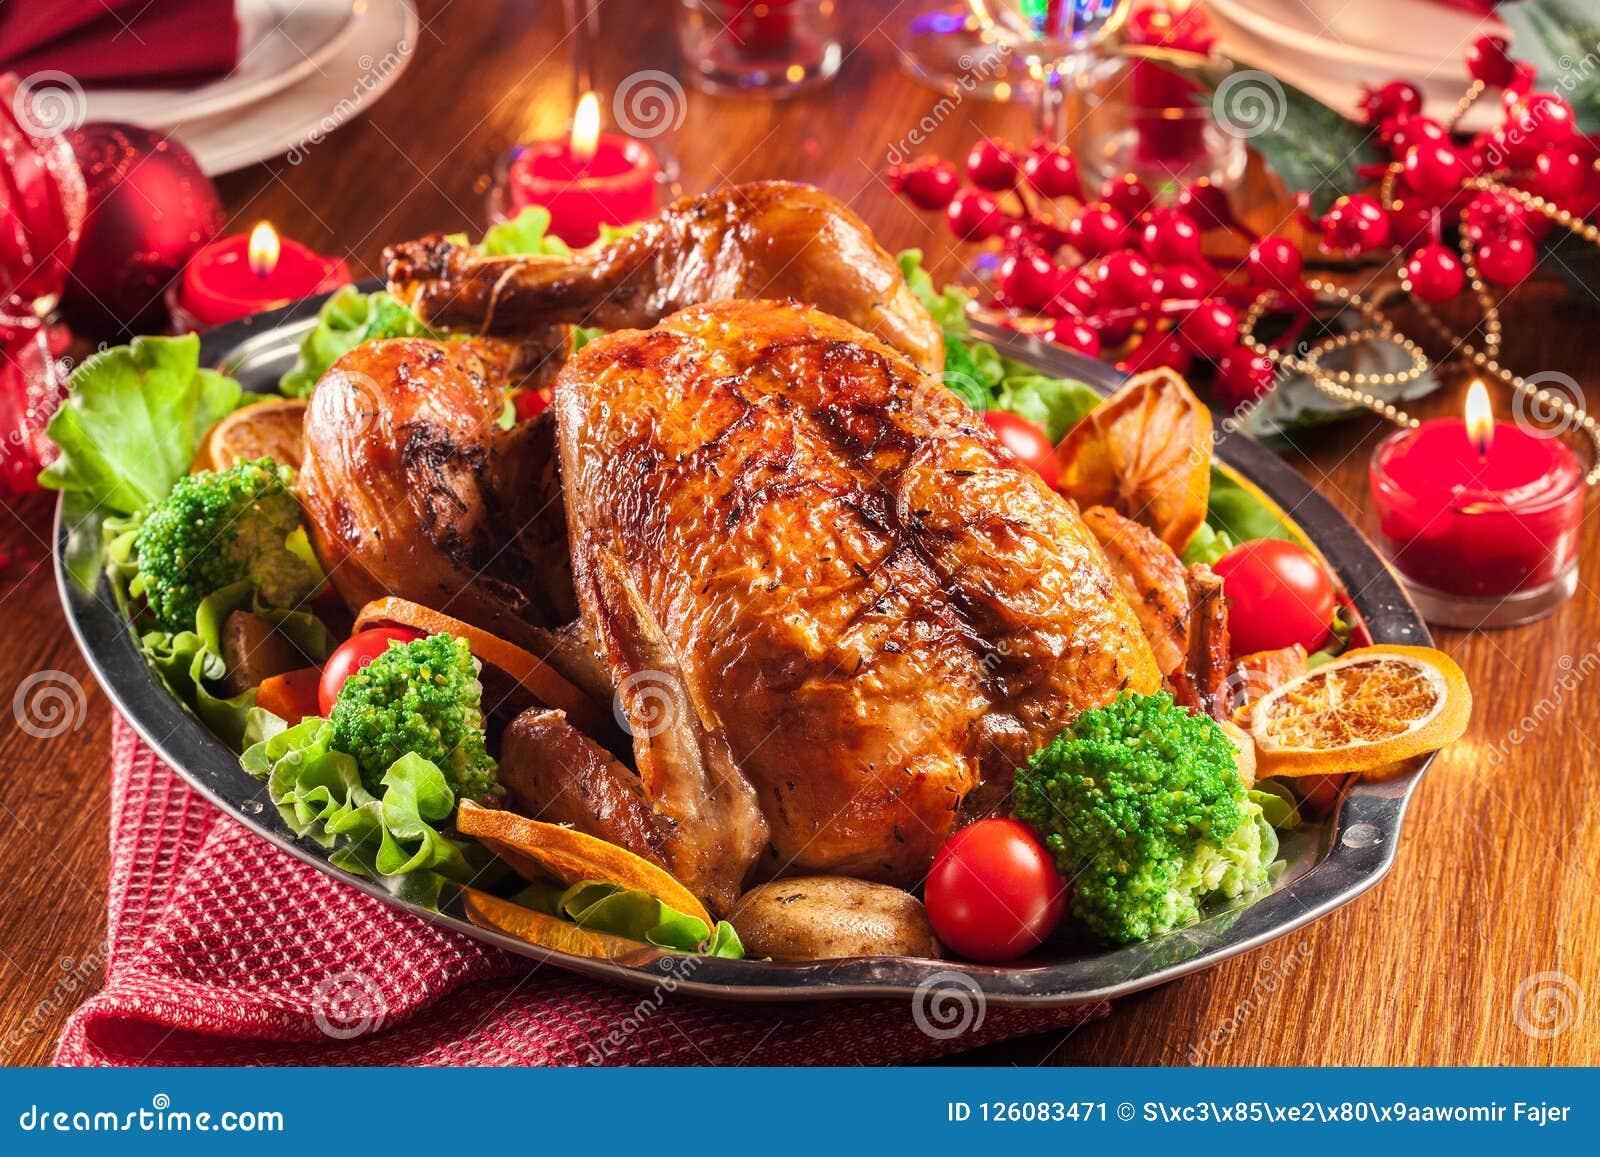 Poulet entier cuit au four ou rôti sur la table de Noël